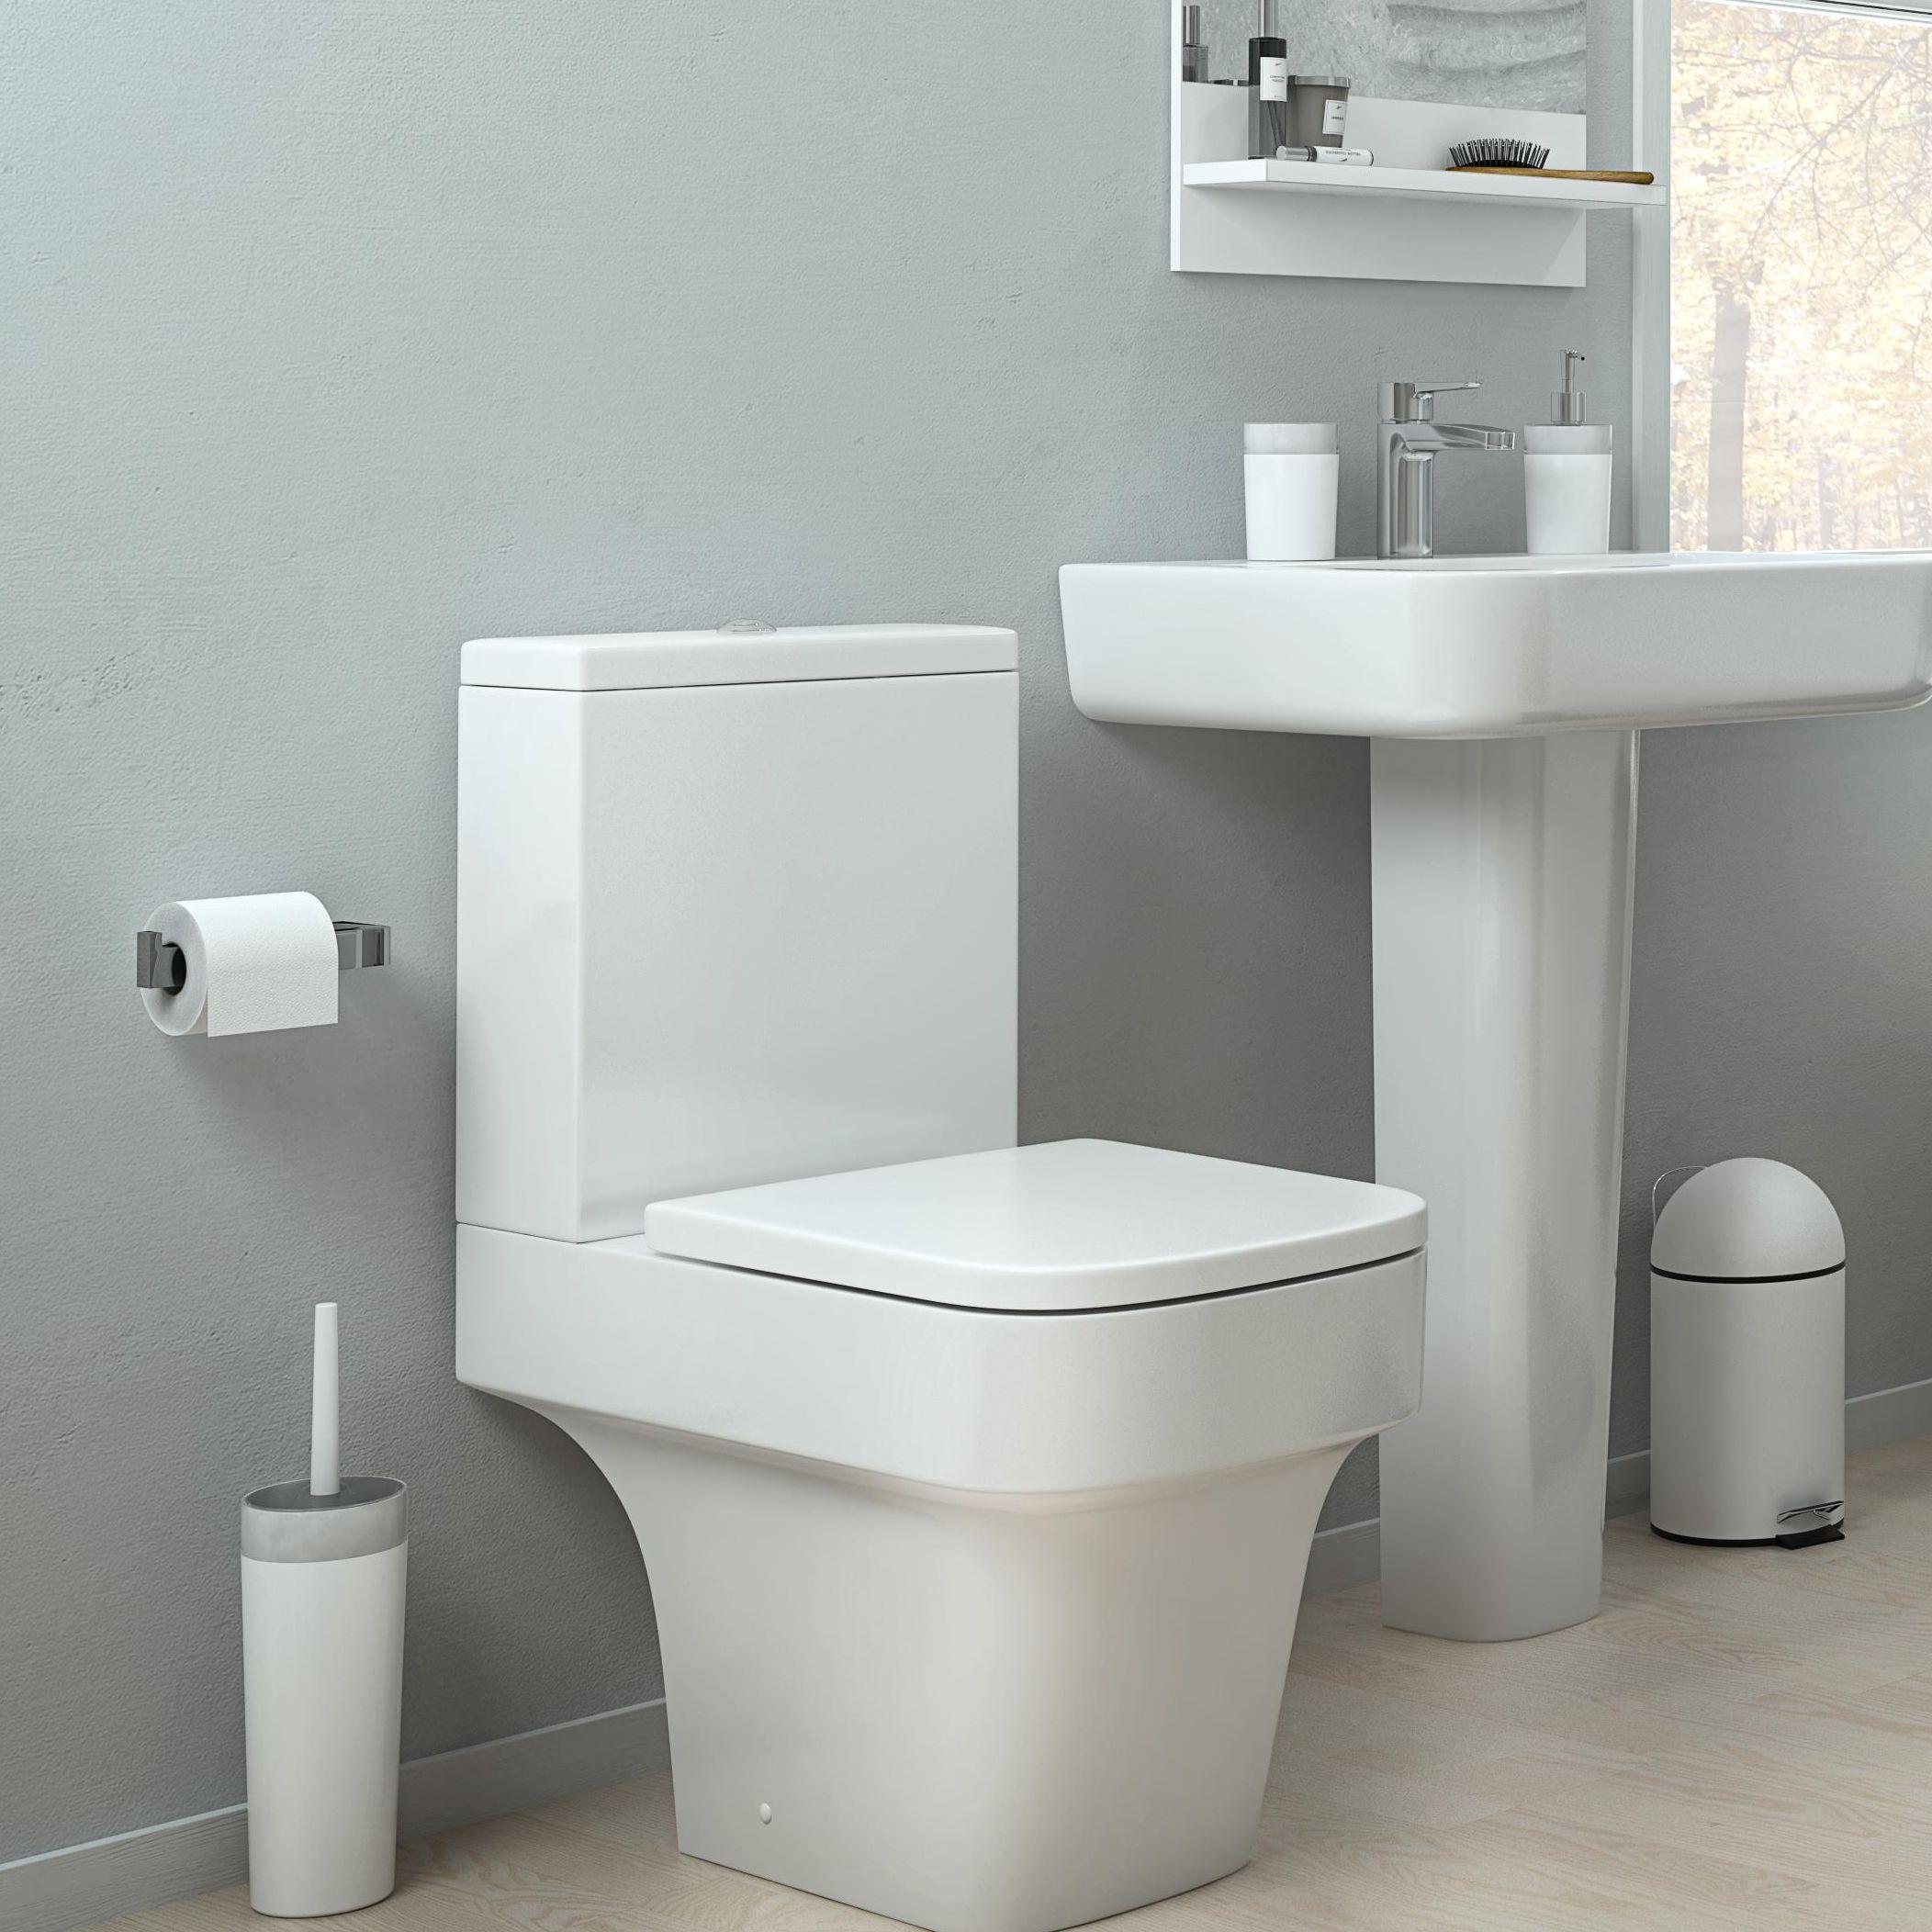 Bathrooms Bathroom Suites Furniture Amp Ideas Diy At B Amp Q